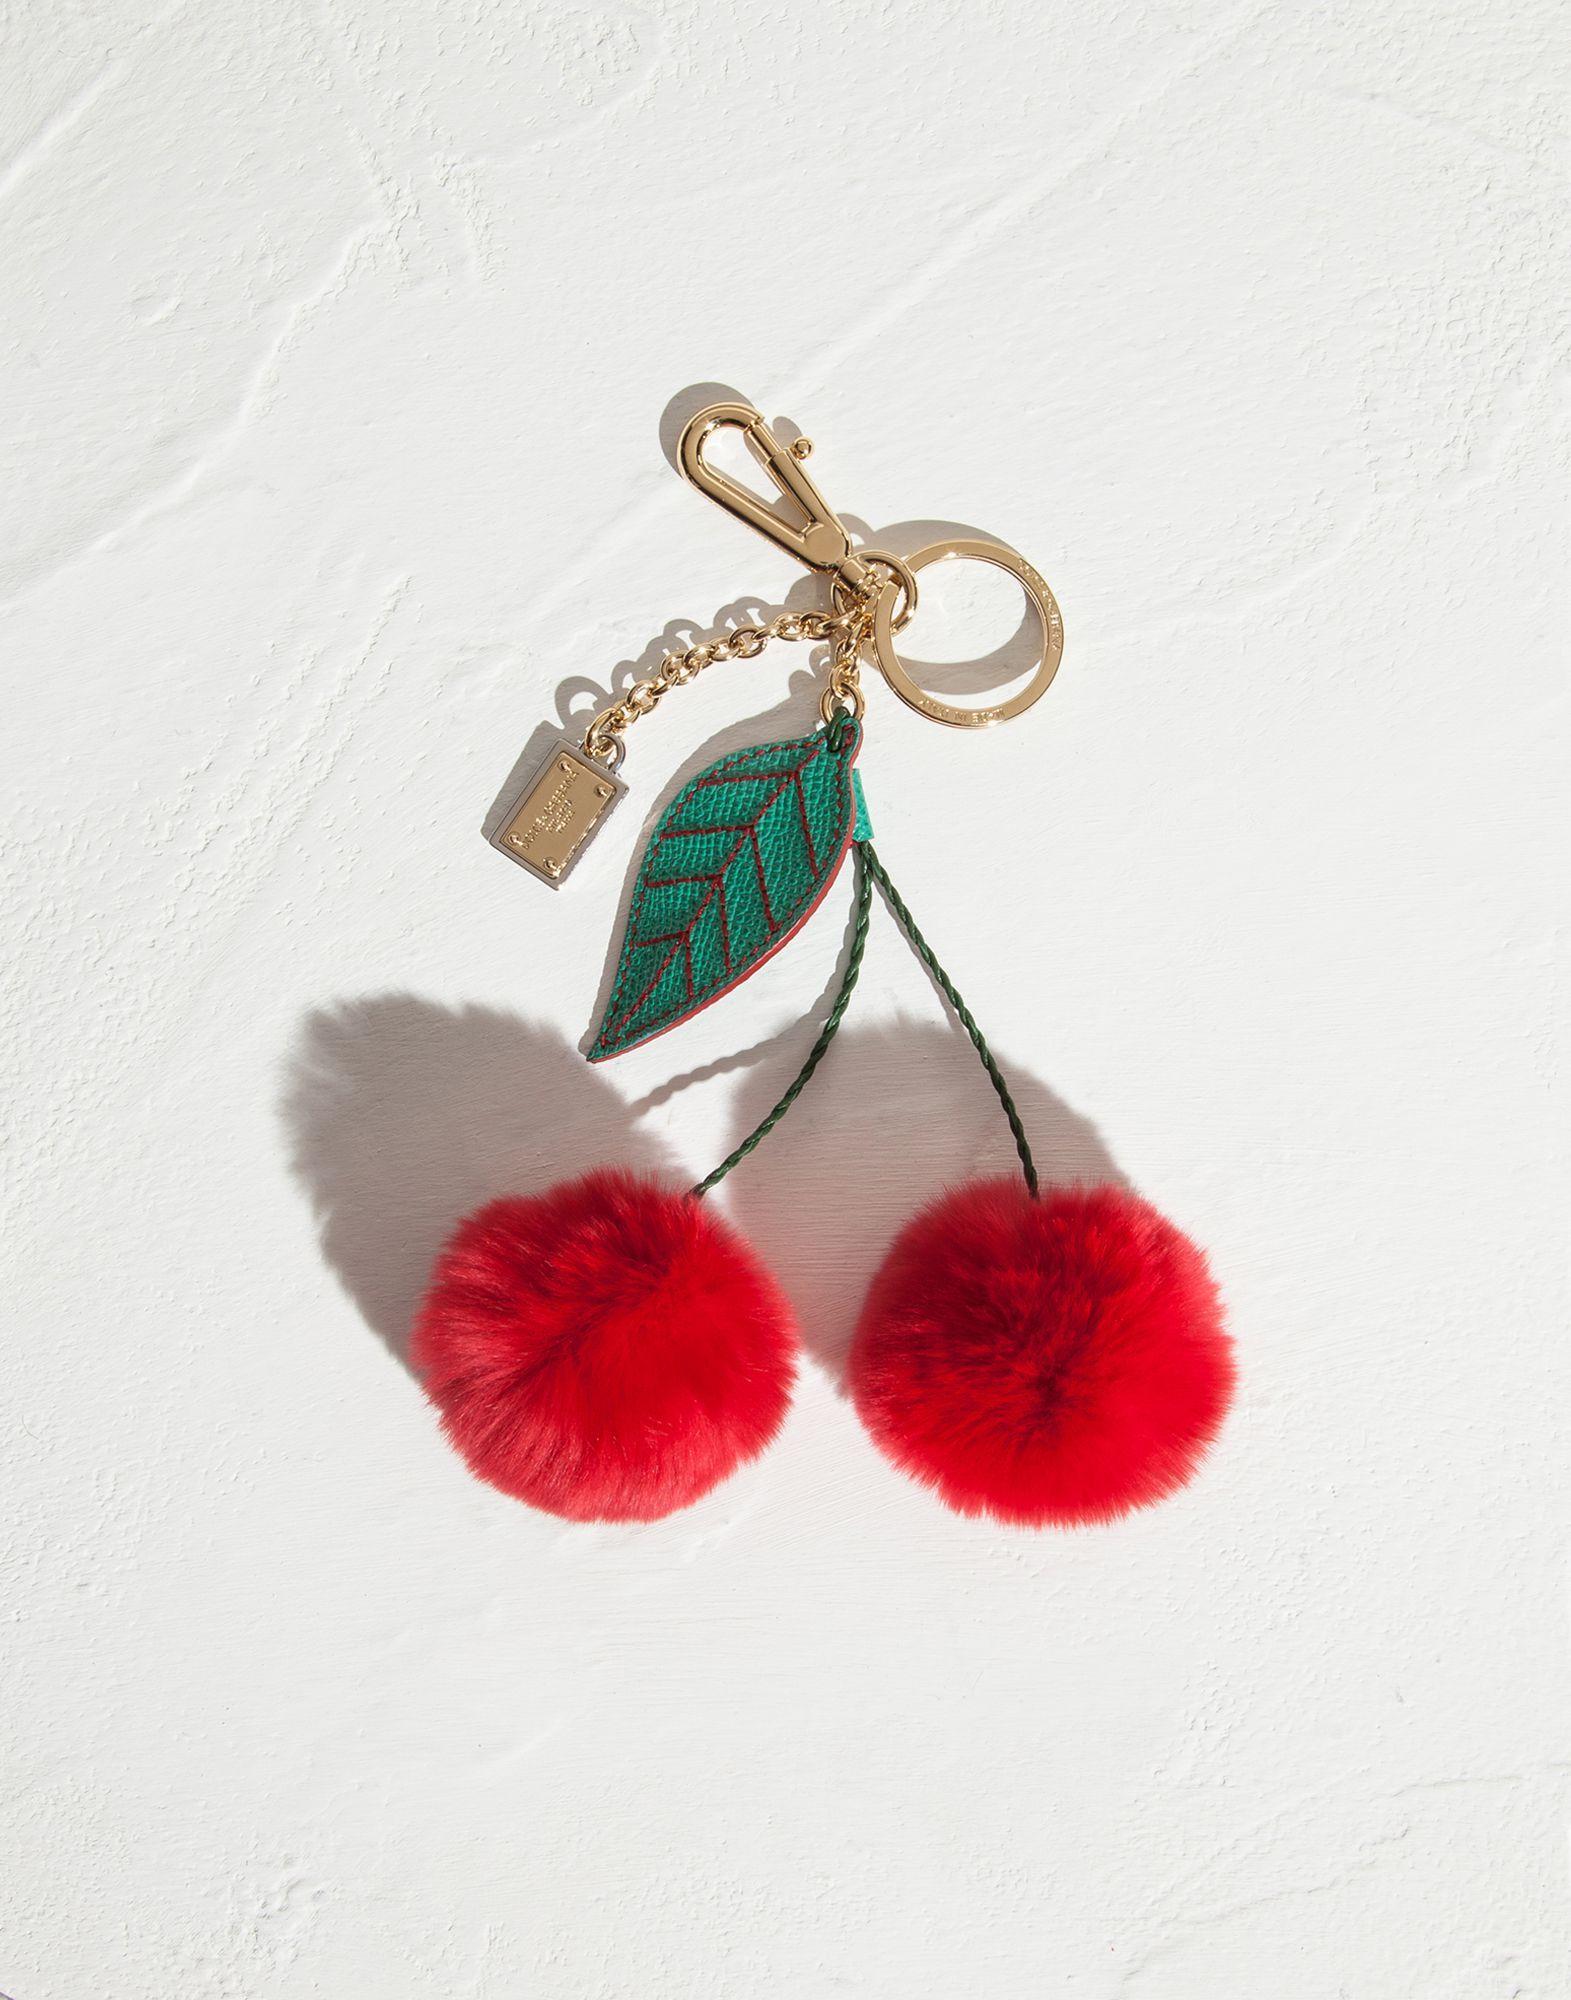 7456d09f42e7 Dolce Gabbana     Schlüsselanhänger   Kleinlederwaren Dolce Gabbana Online,  Summer Bags, Small Leather Goods